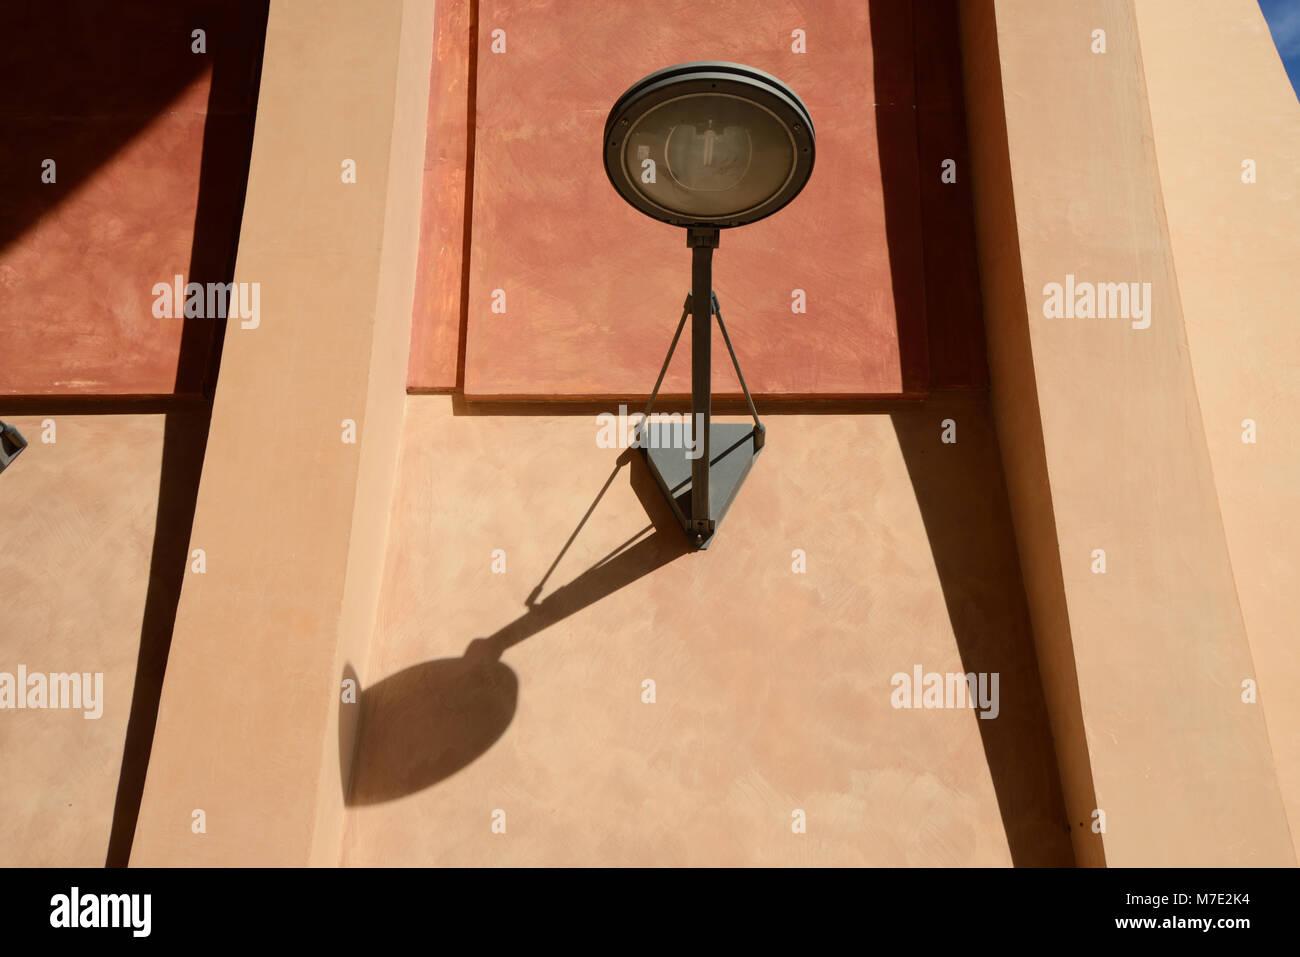 Moderne Straßenleuchte oder moderne Designer Lampe Aix-en-Provence Frankreich Stockbild